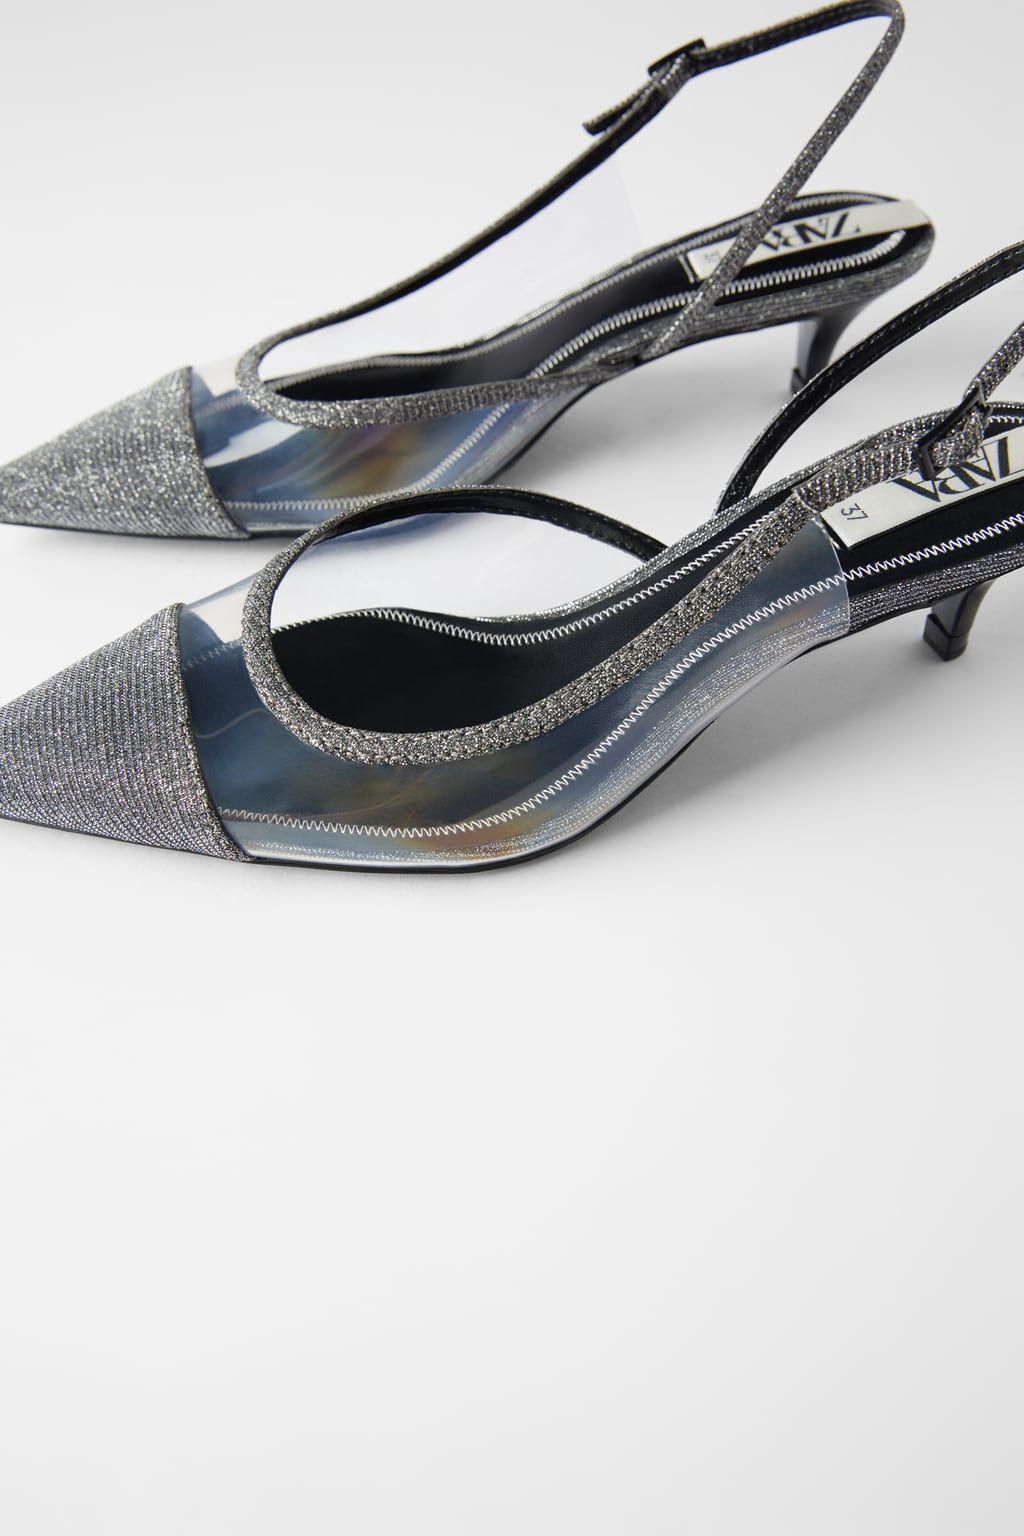 Giftryapp Heels Kitten Heels Kitten Heel Shoes